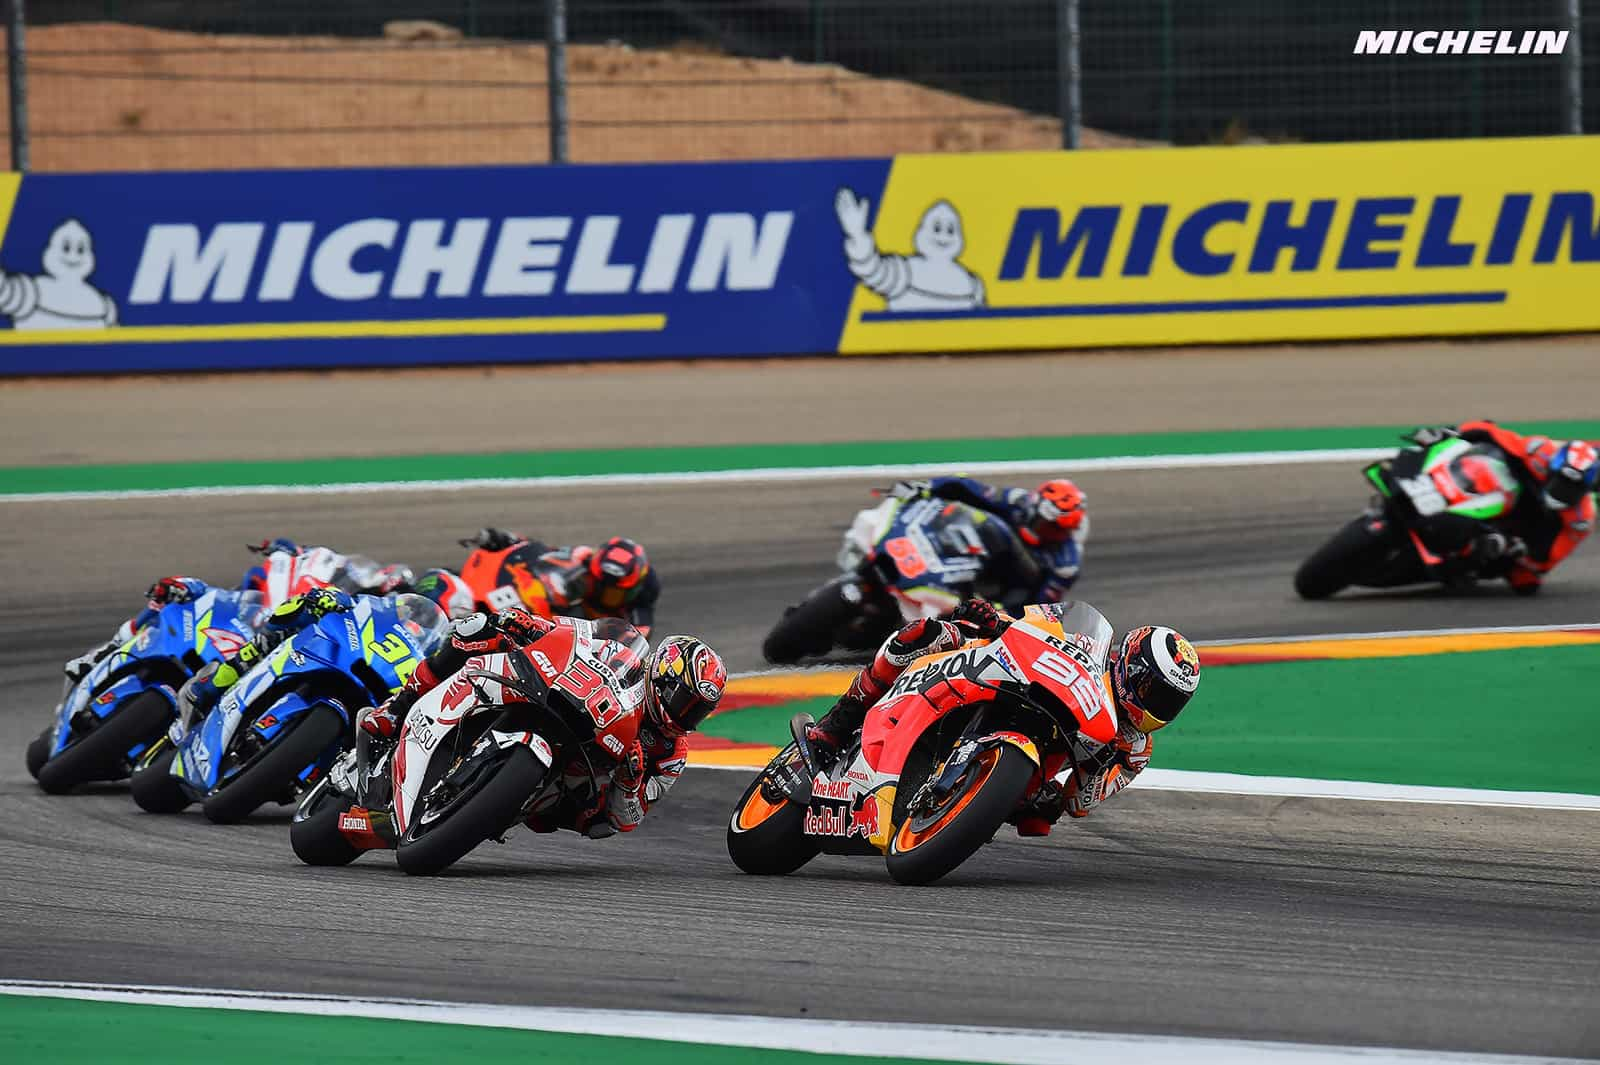 MotoGP2019アラゴンGP 20位ロレンソ「フロントの信頼感を得るためにリアを犠牲にしている」